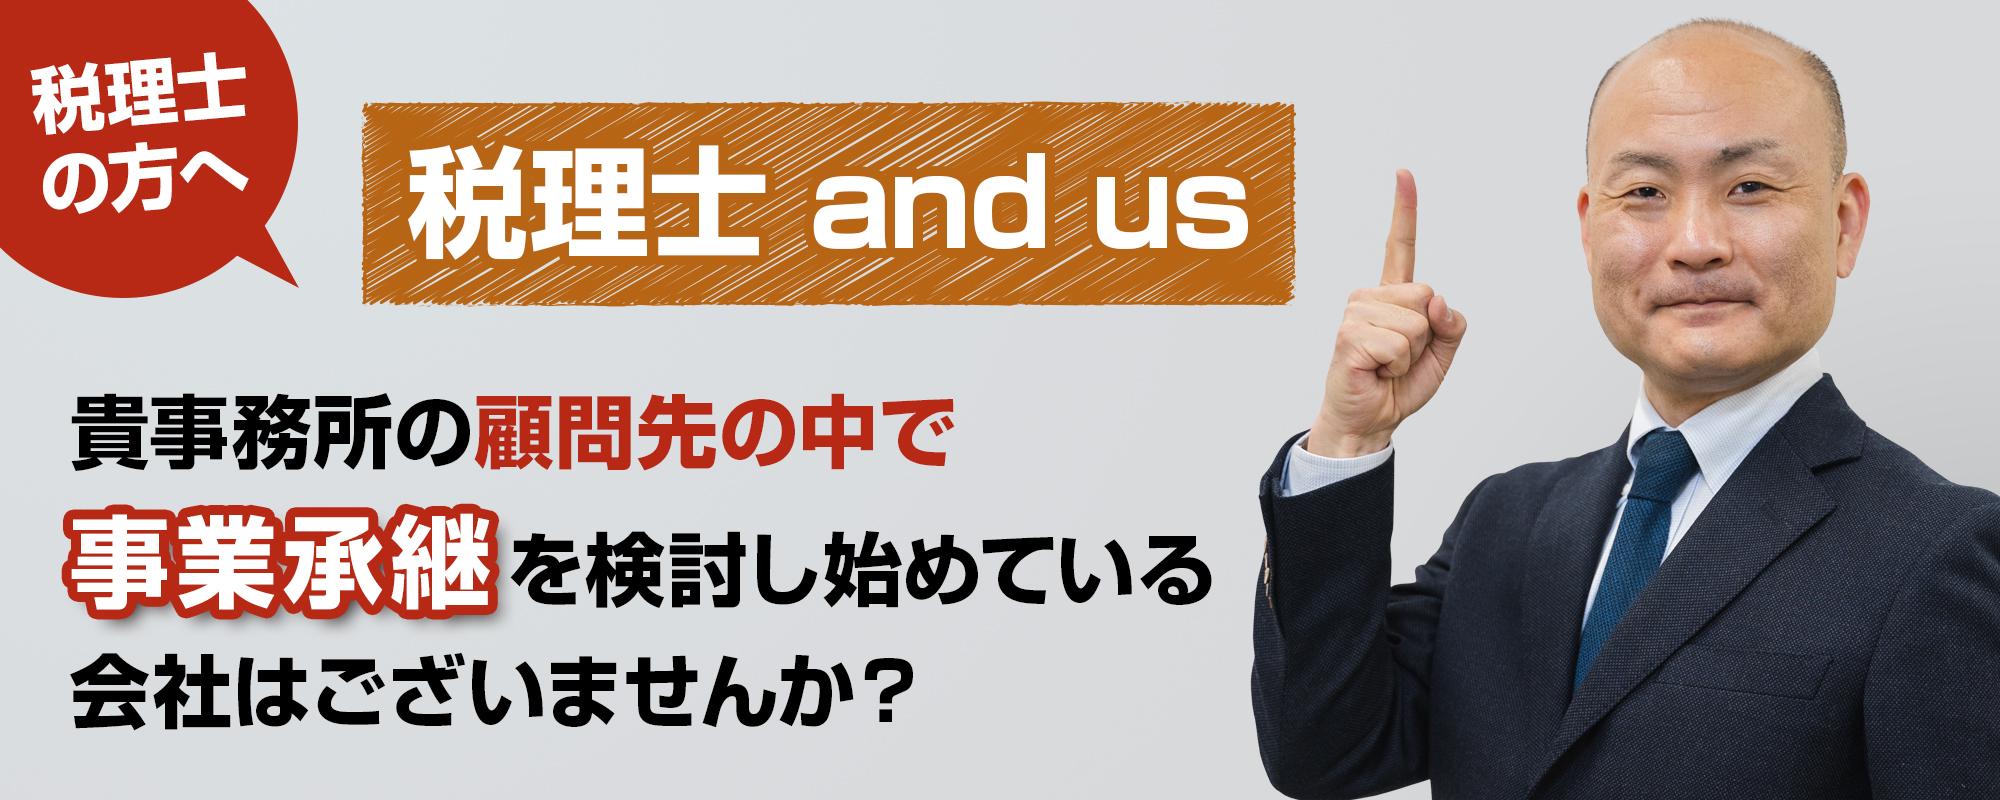 税理士 and us 貴事務所の顧問先の中で「事業承継」を検討し始めている会社はございませんか?